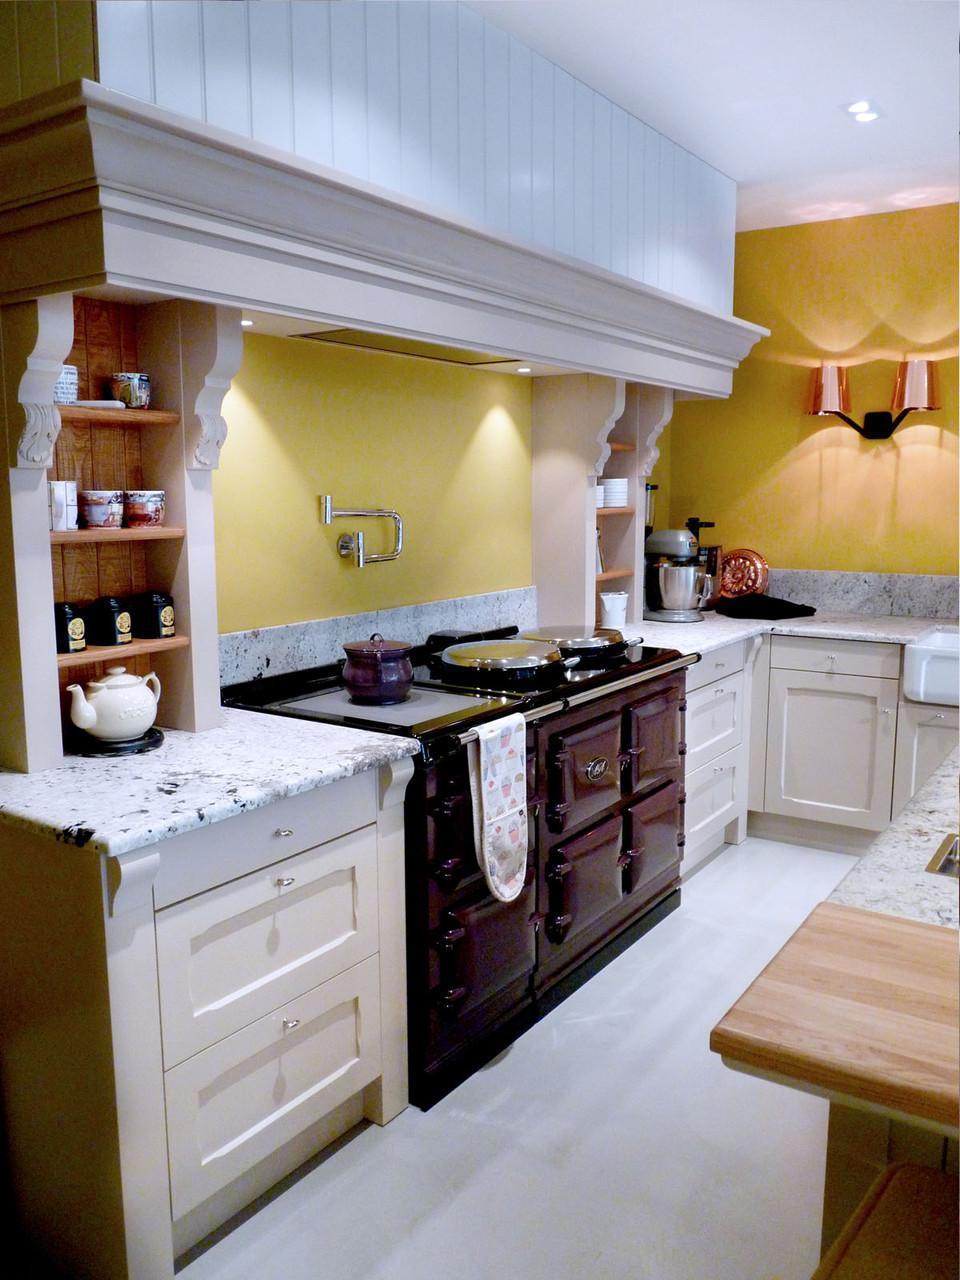 Piano cuisson AGA 5 fours cœur de fonte aubergine, potfiller Dornbracht, hotte menuisée lambris + corbelet